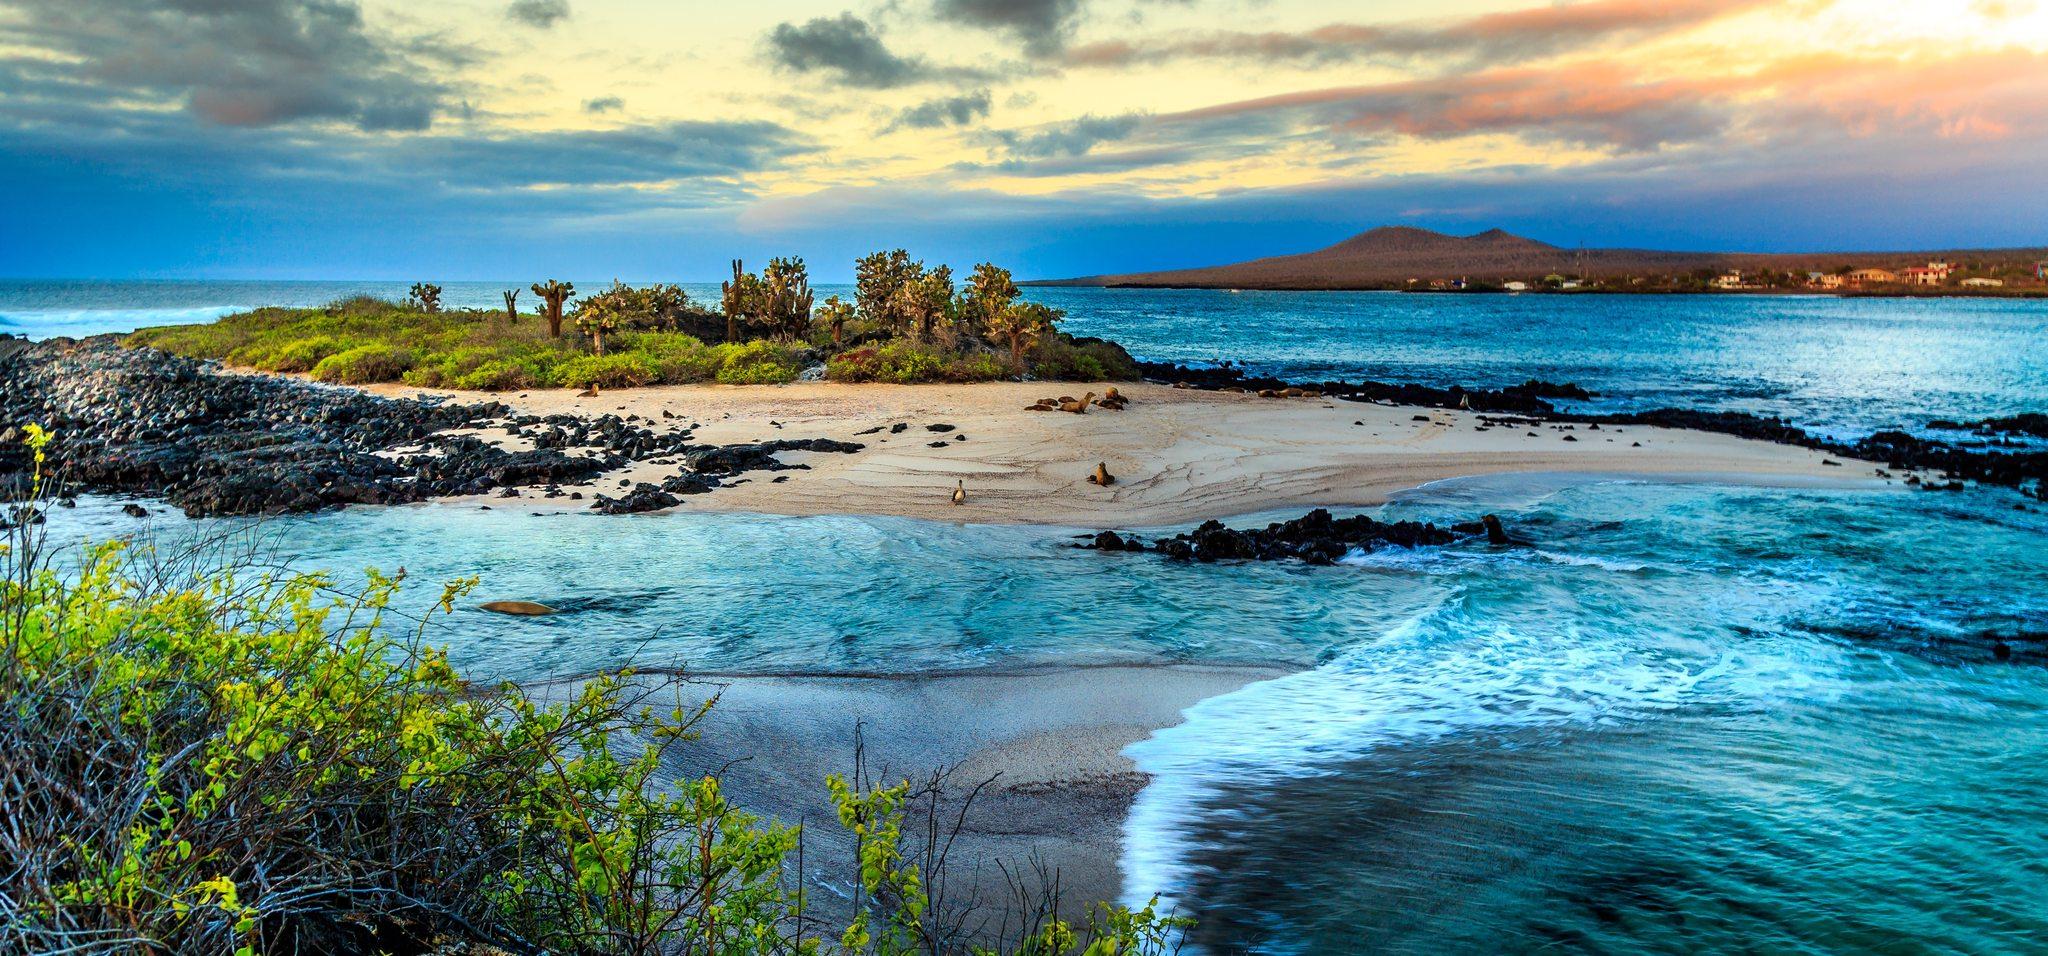 galapagos-island-shelly-kwiatkouski.jpeg